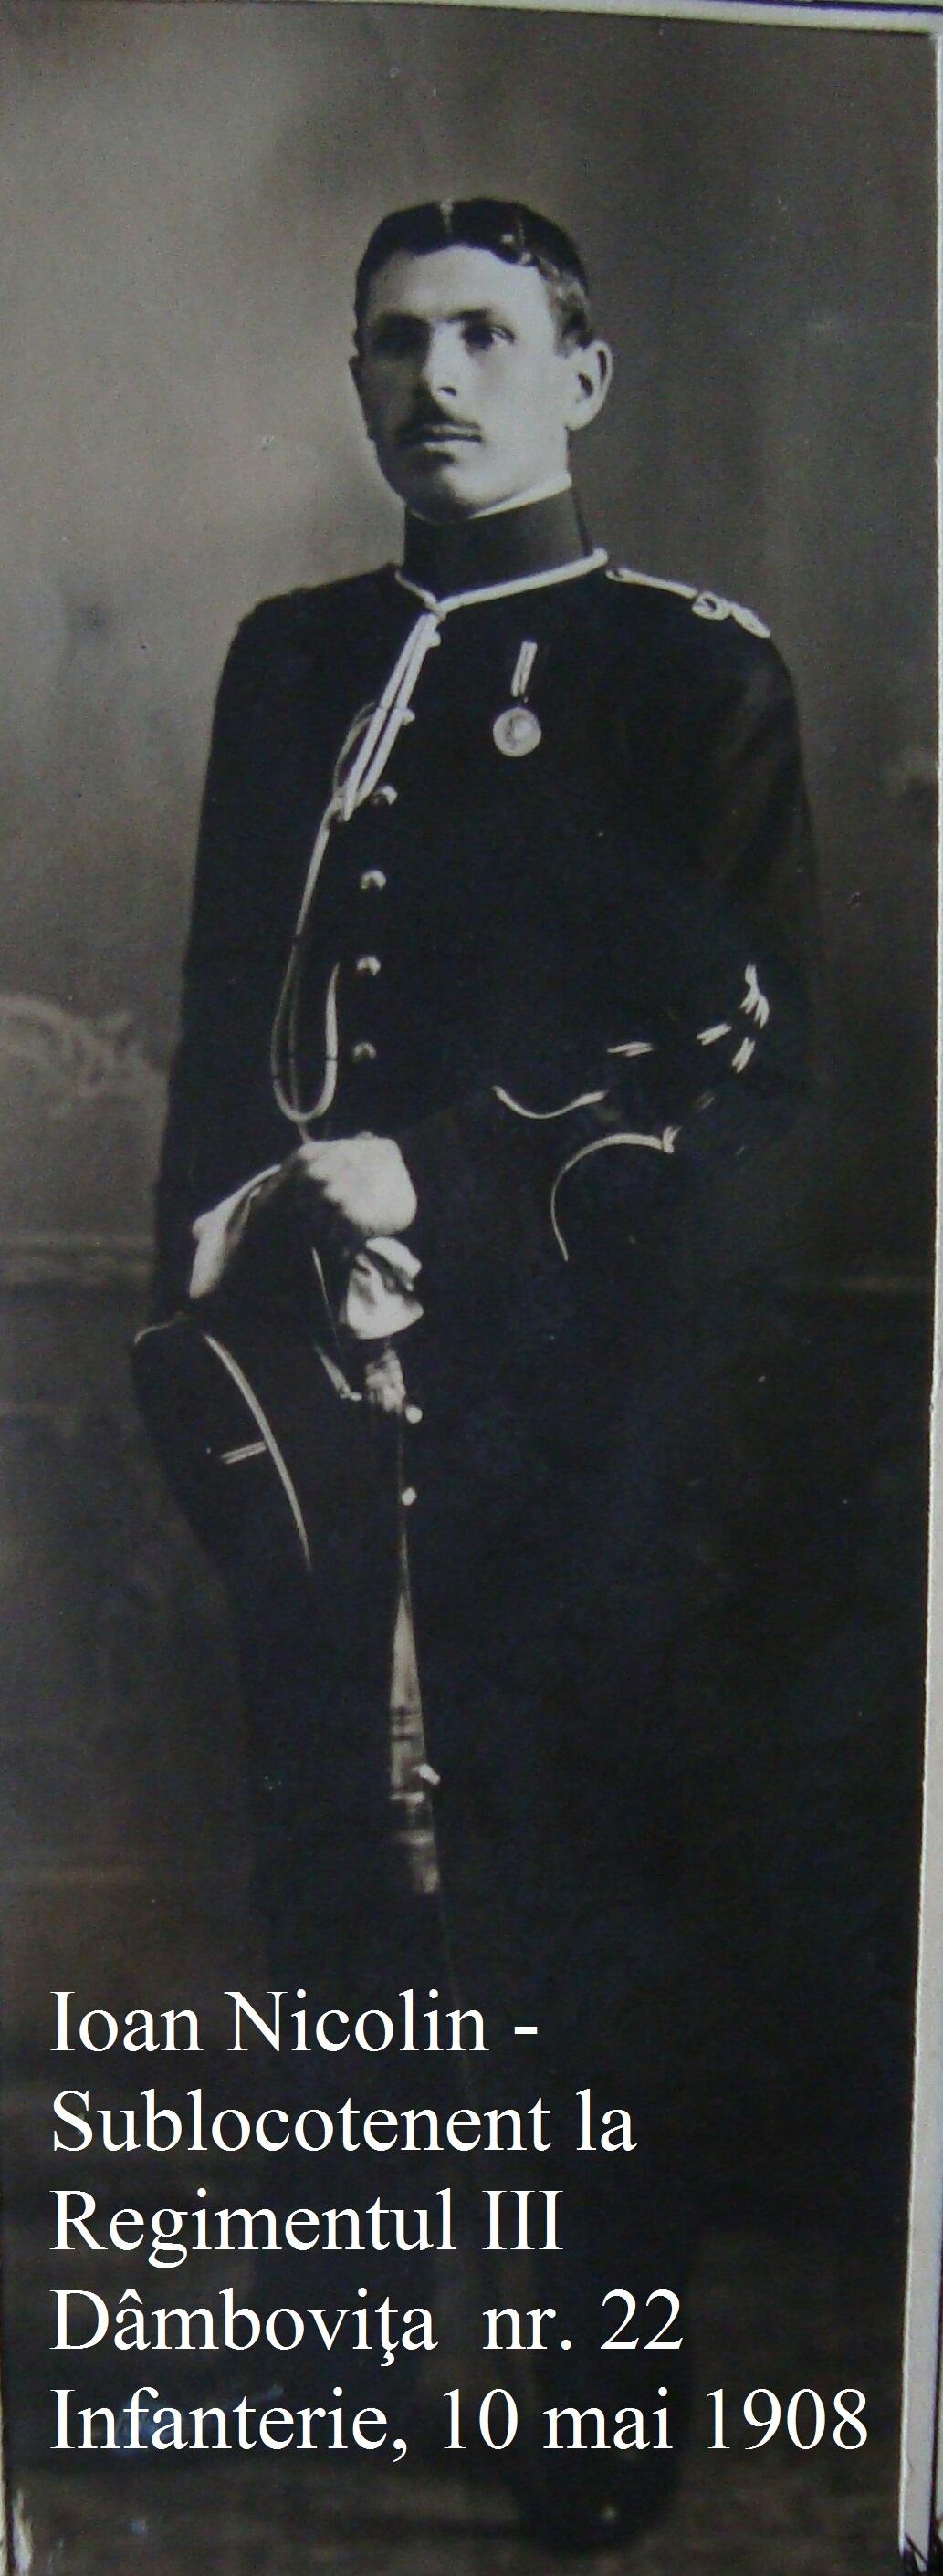 Ioan Nicolin - Sublocotenent la Regimentul III Dâmboviţa nr. 22 Infanterie, 10 mai 1908